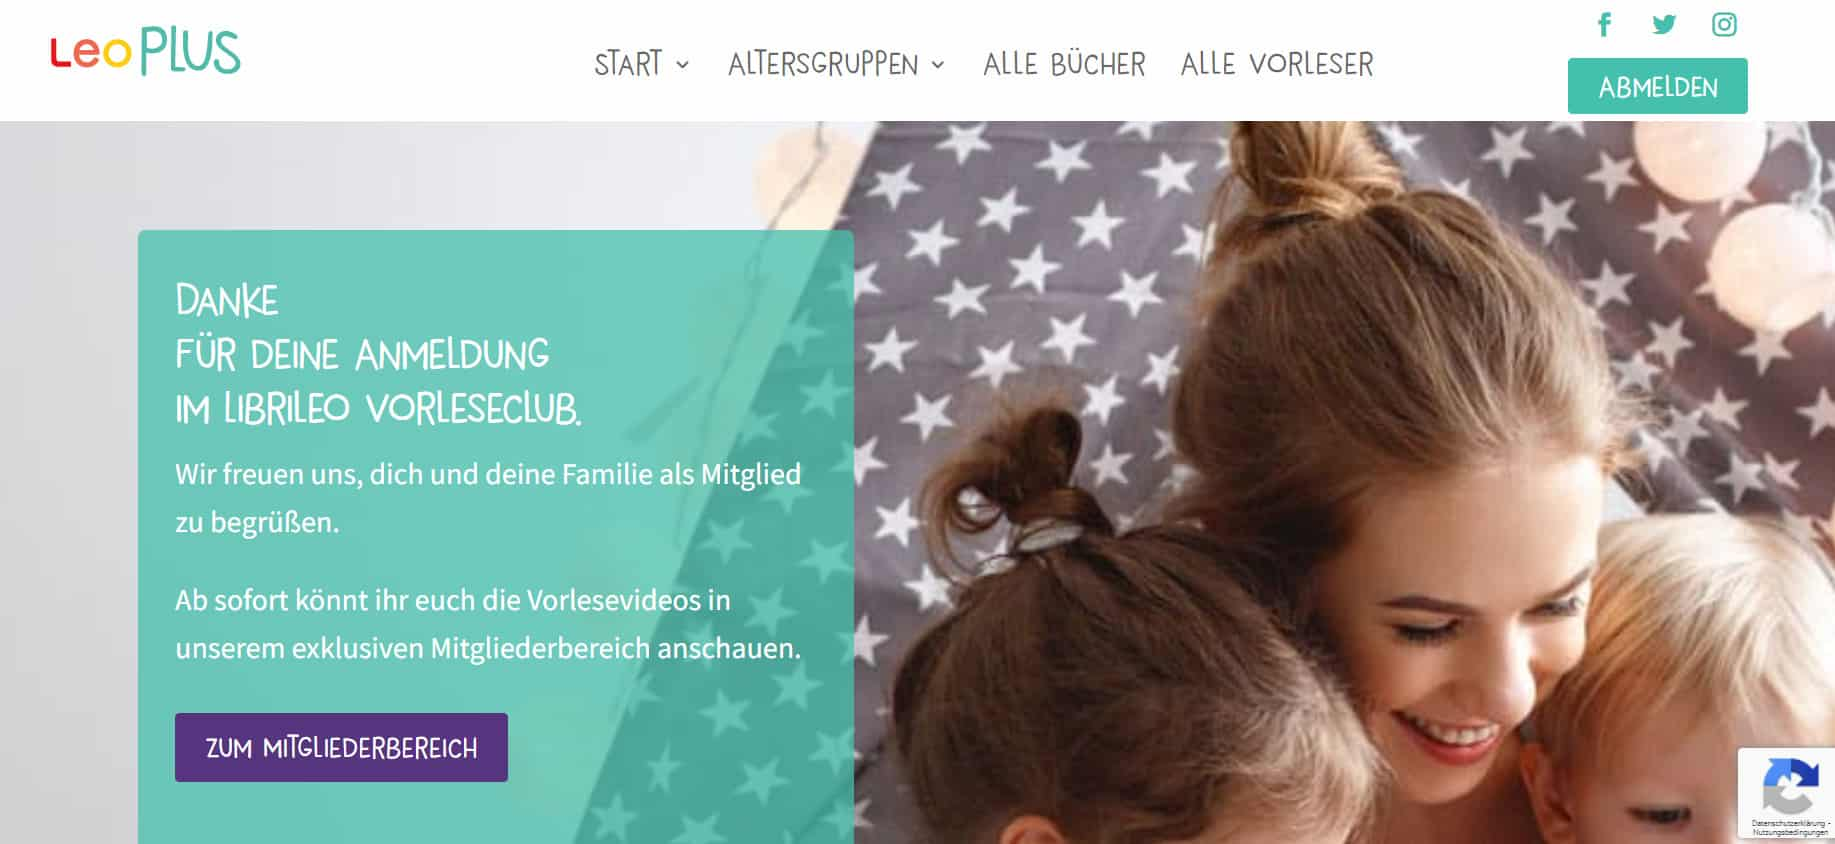 Librileo gemeinnützig_SC der Webseite mit Genehmigung der Betreiber_grossekoepfe.de